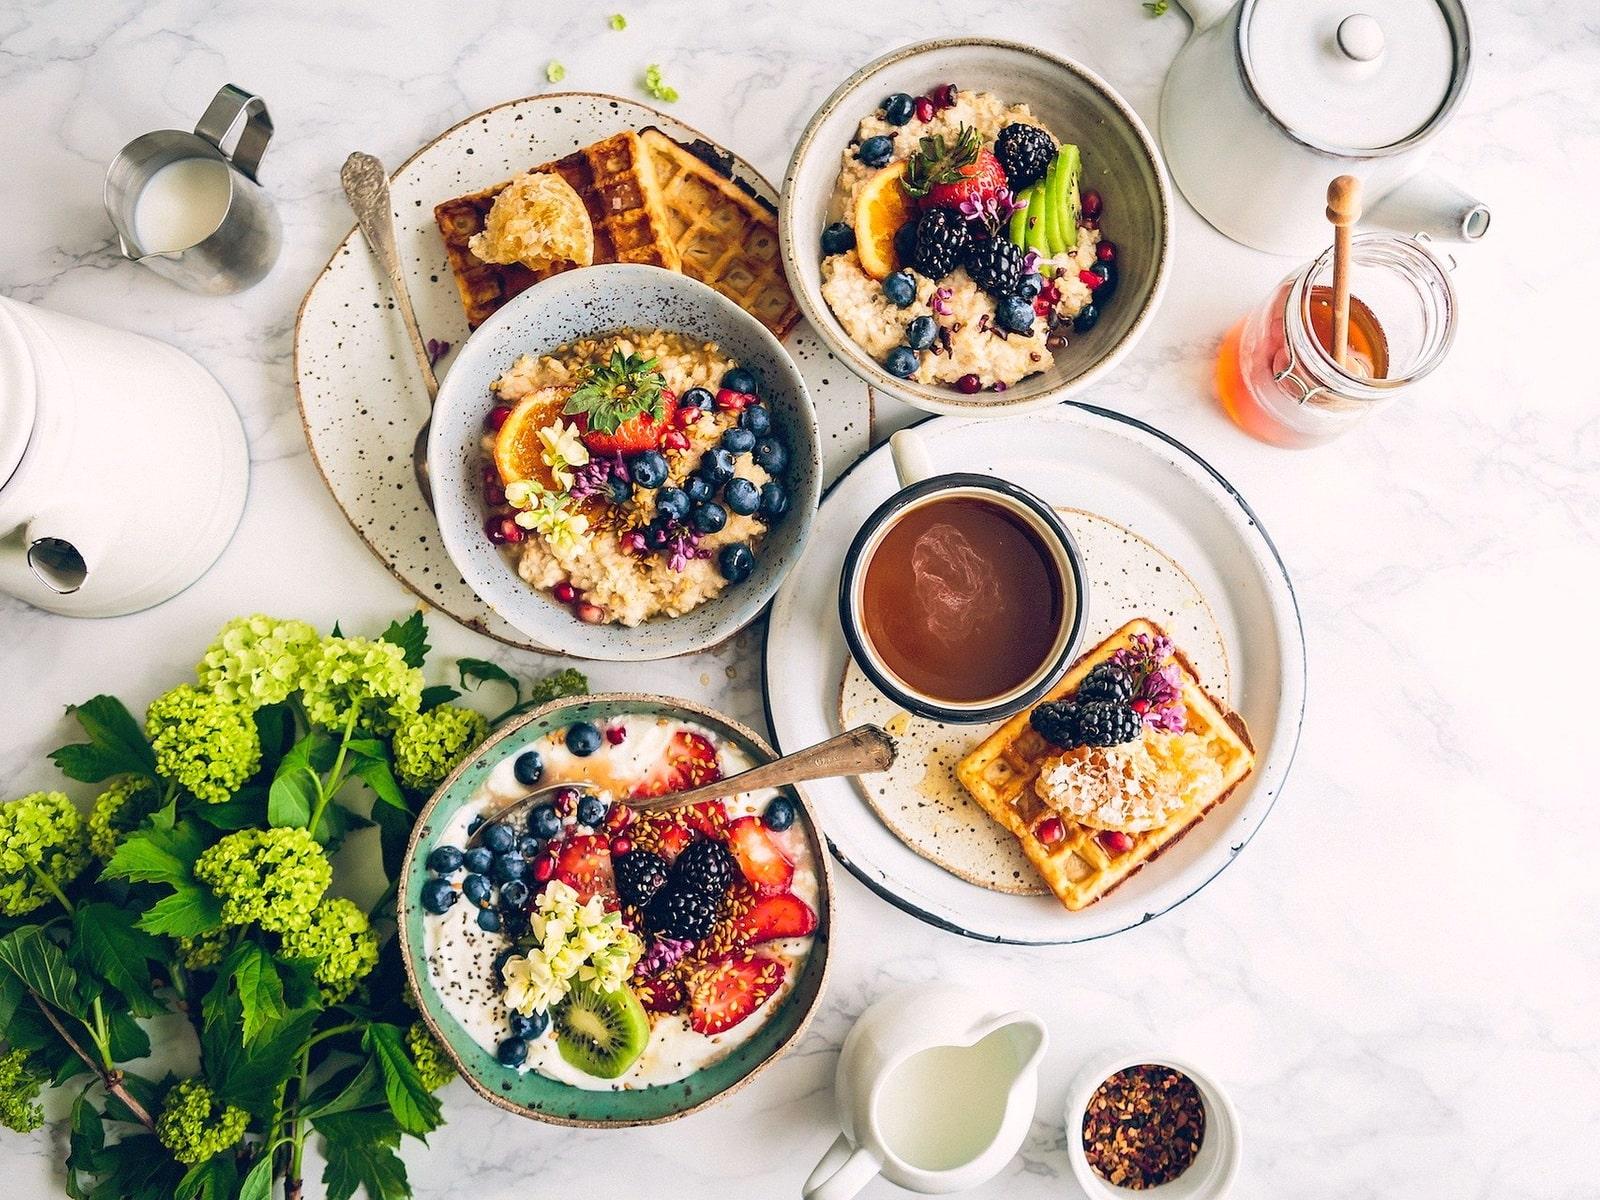 Что есть на завтрак или 4 шага по приготовлению полезного утреннего меню